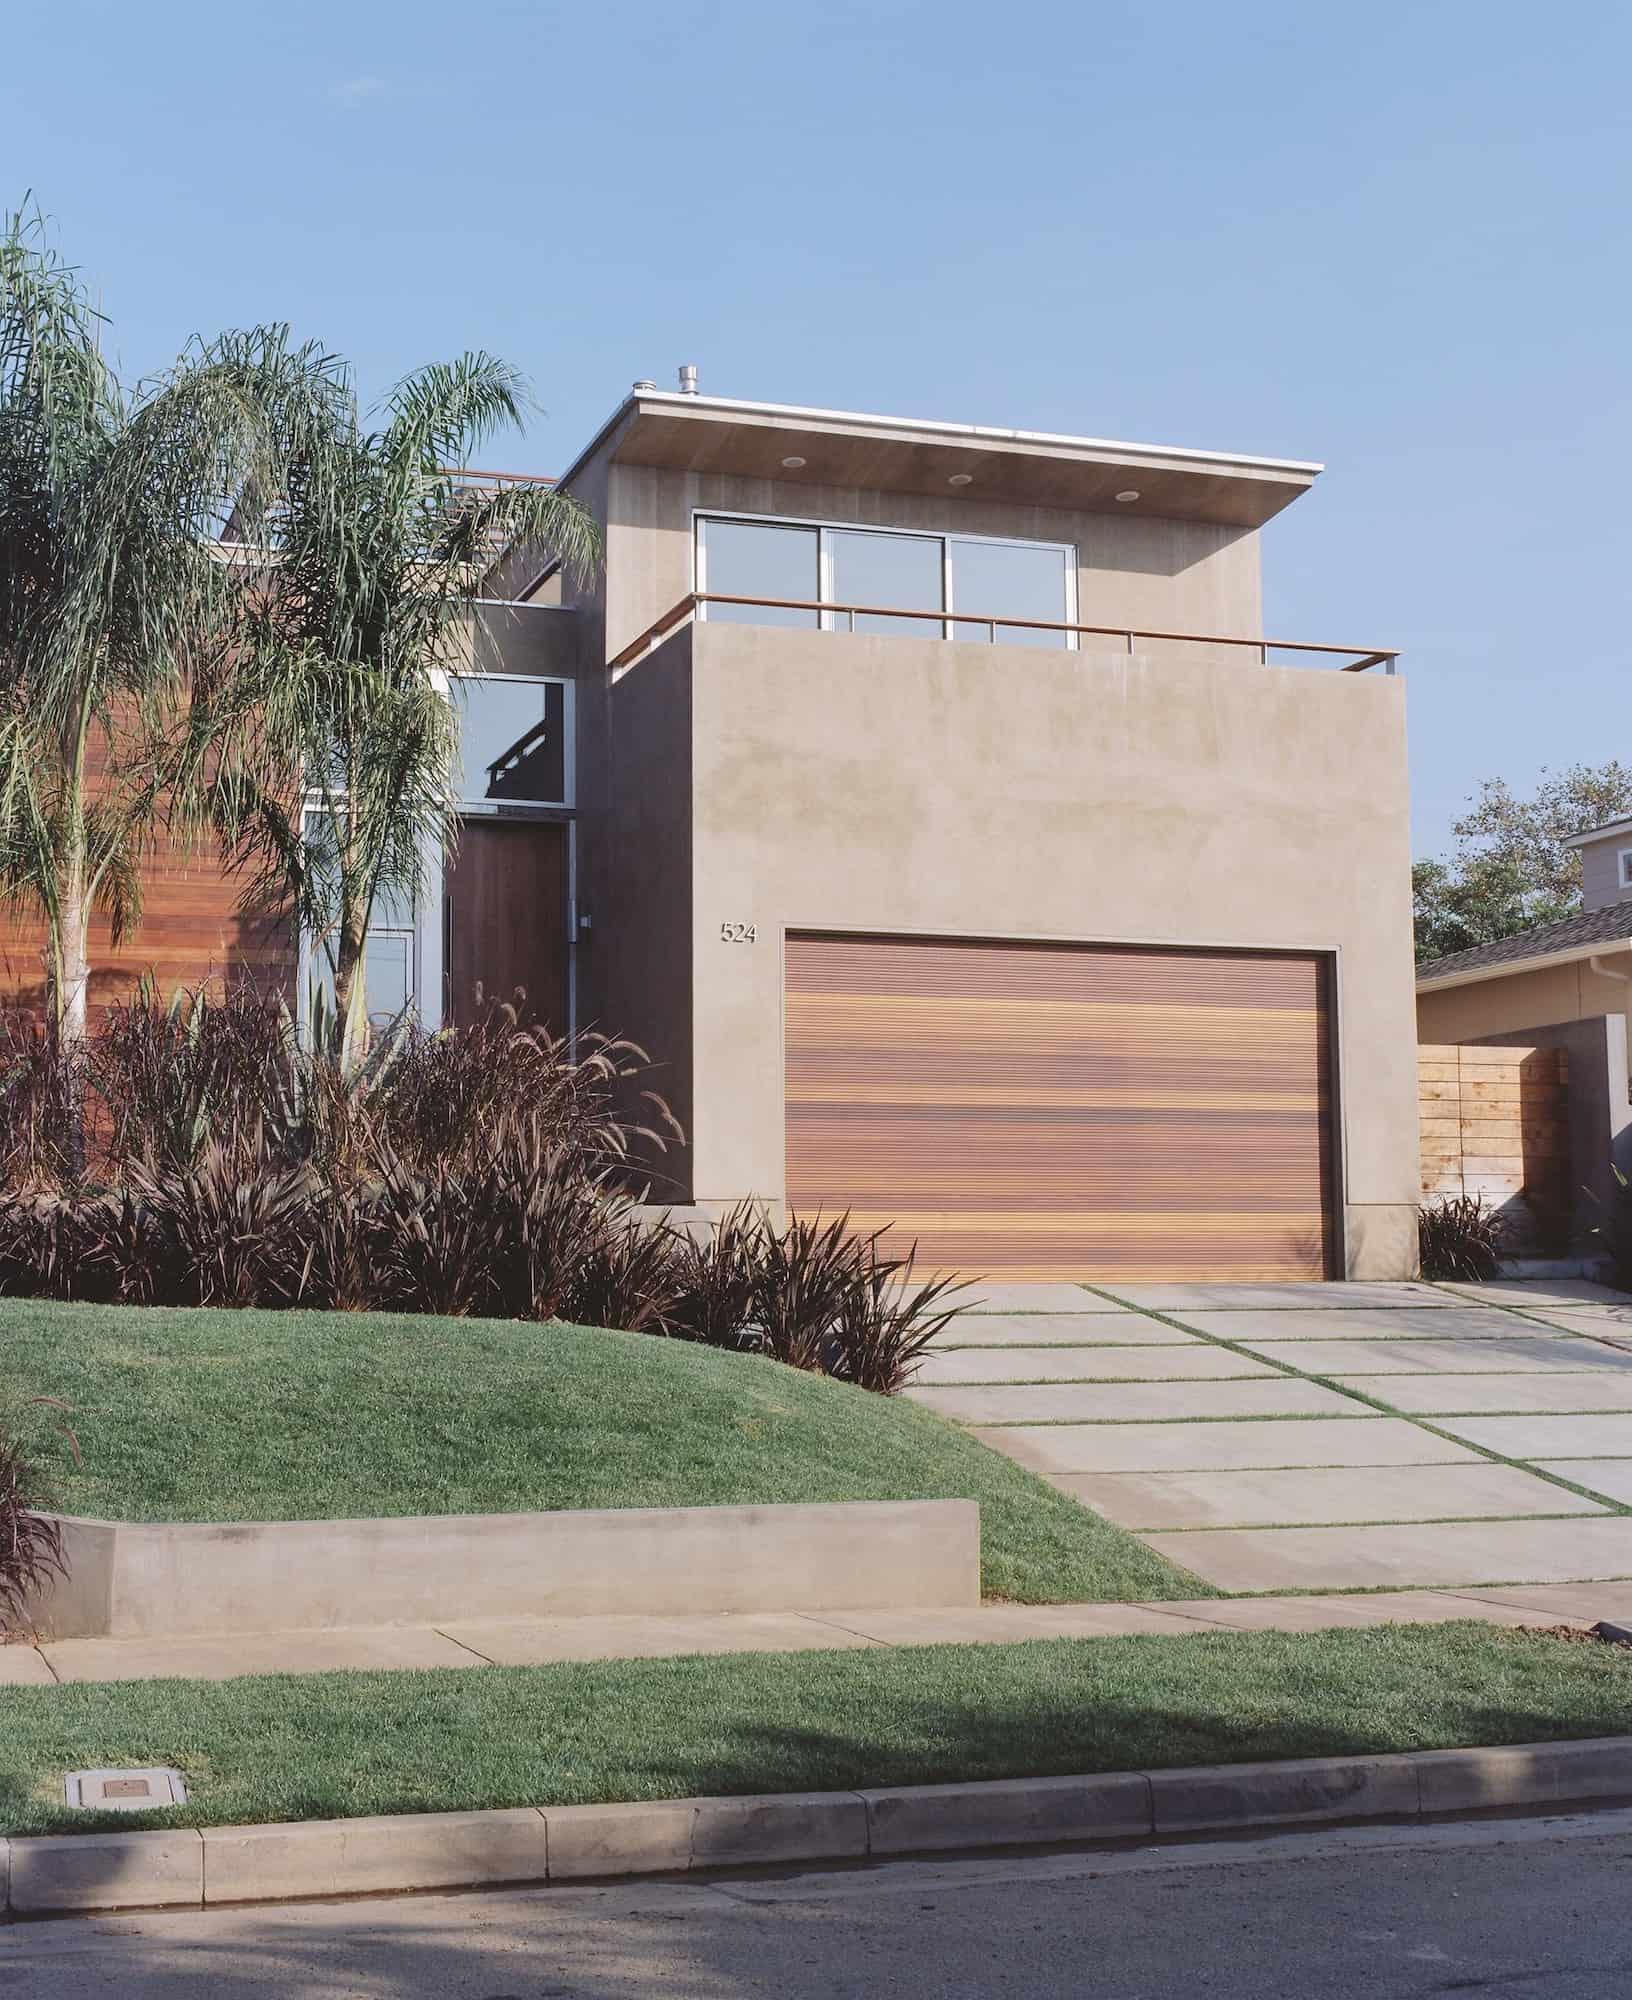 Las Casas_00670005